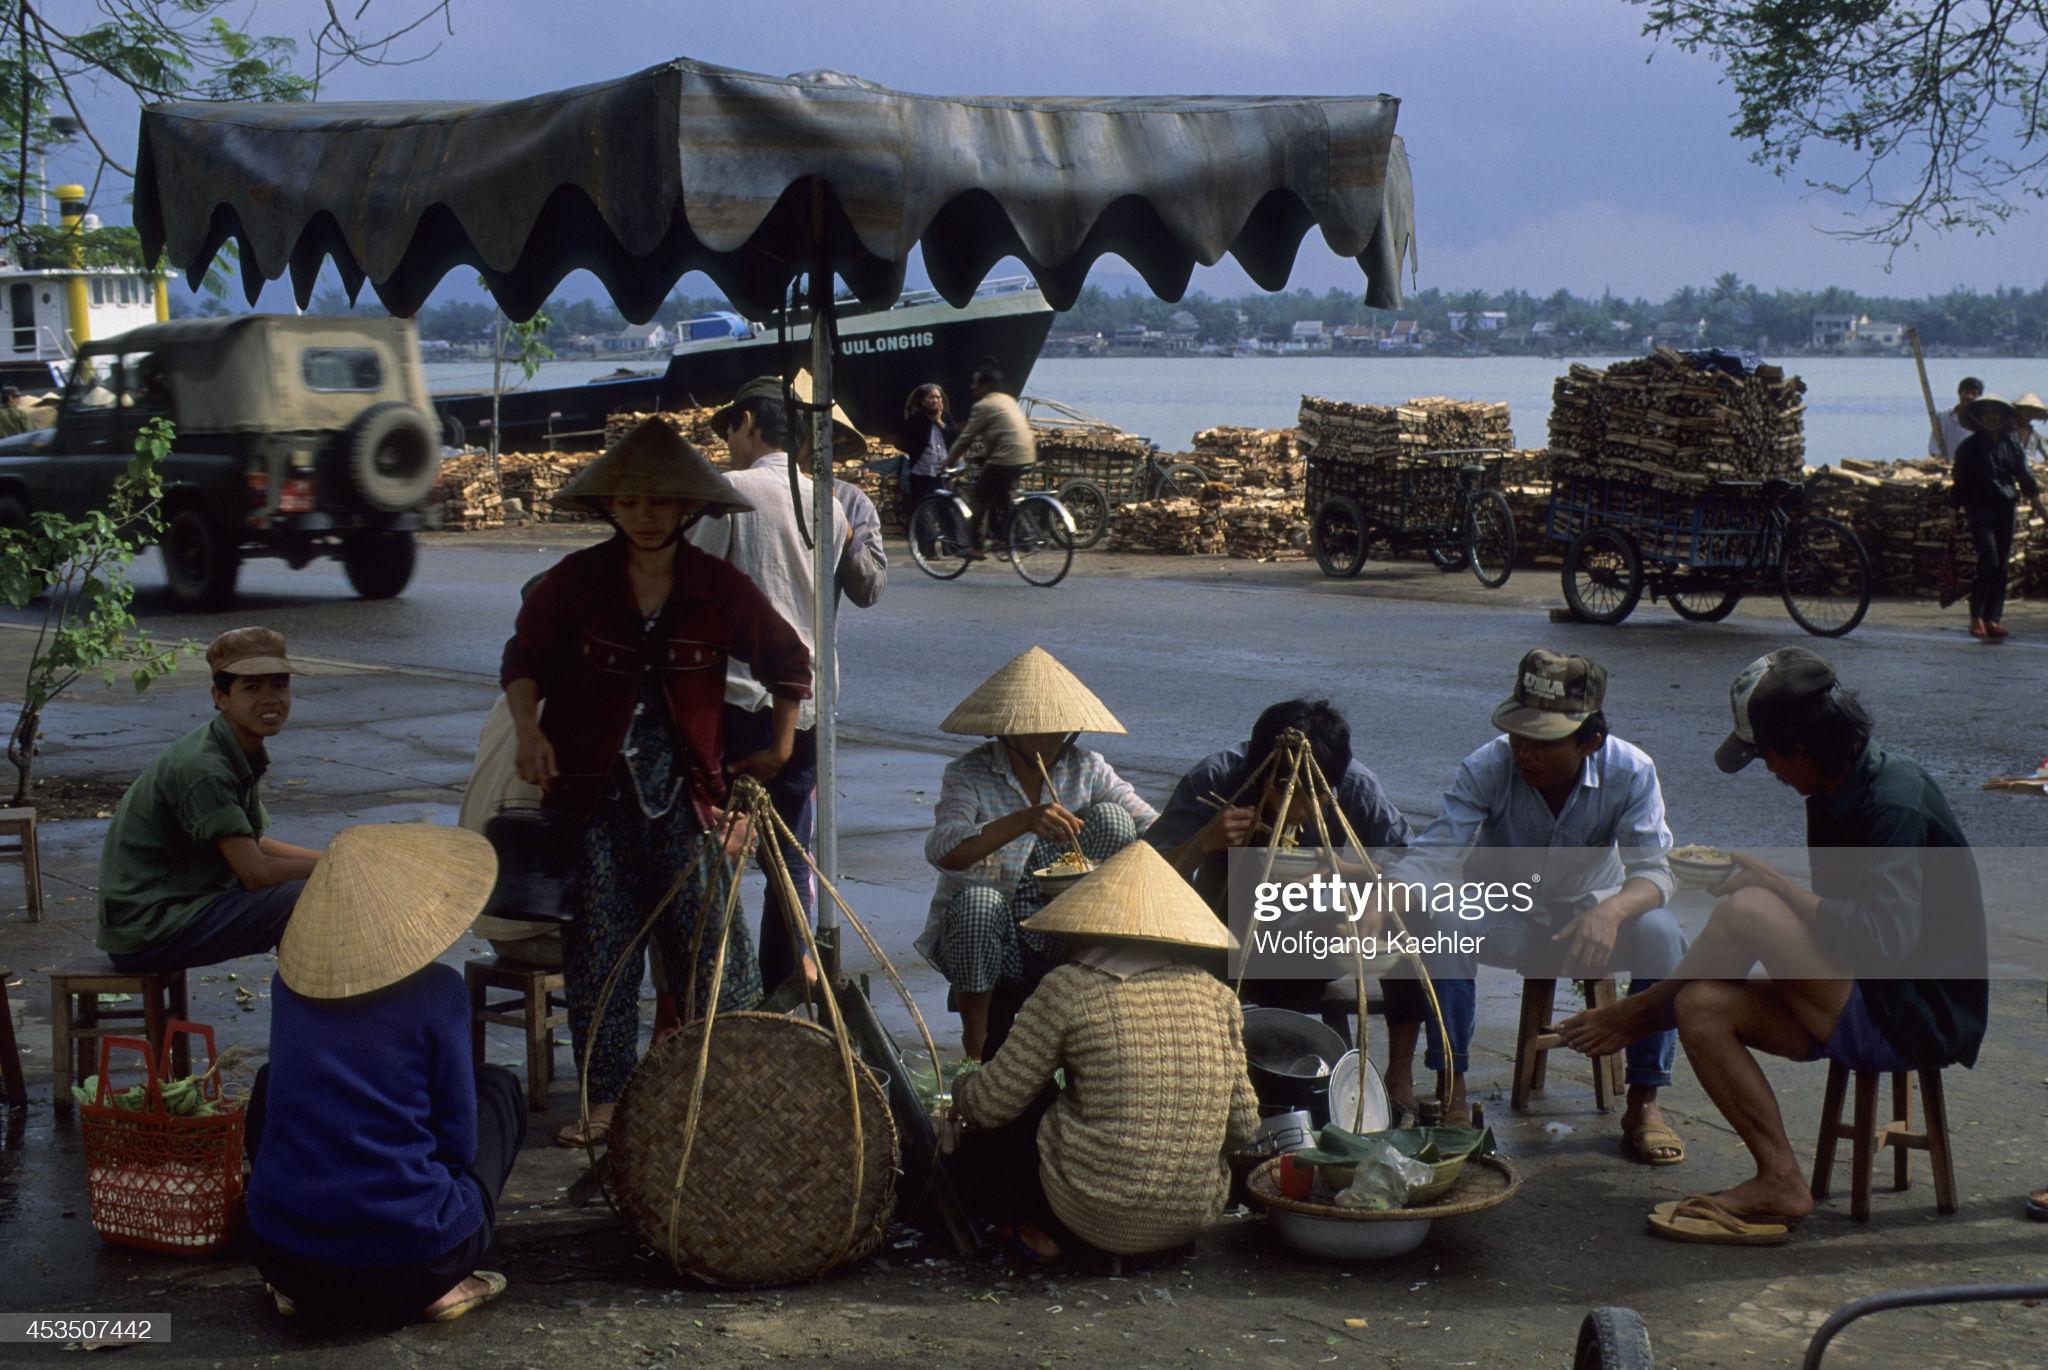 Gánh mì Quảng vỉa hè, xe Honda Cub, xe đạp trên đường phố Đà Nẵng thập niên 90